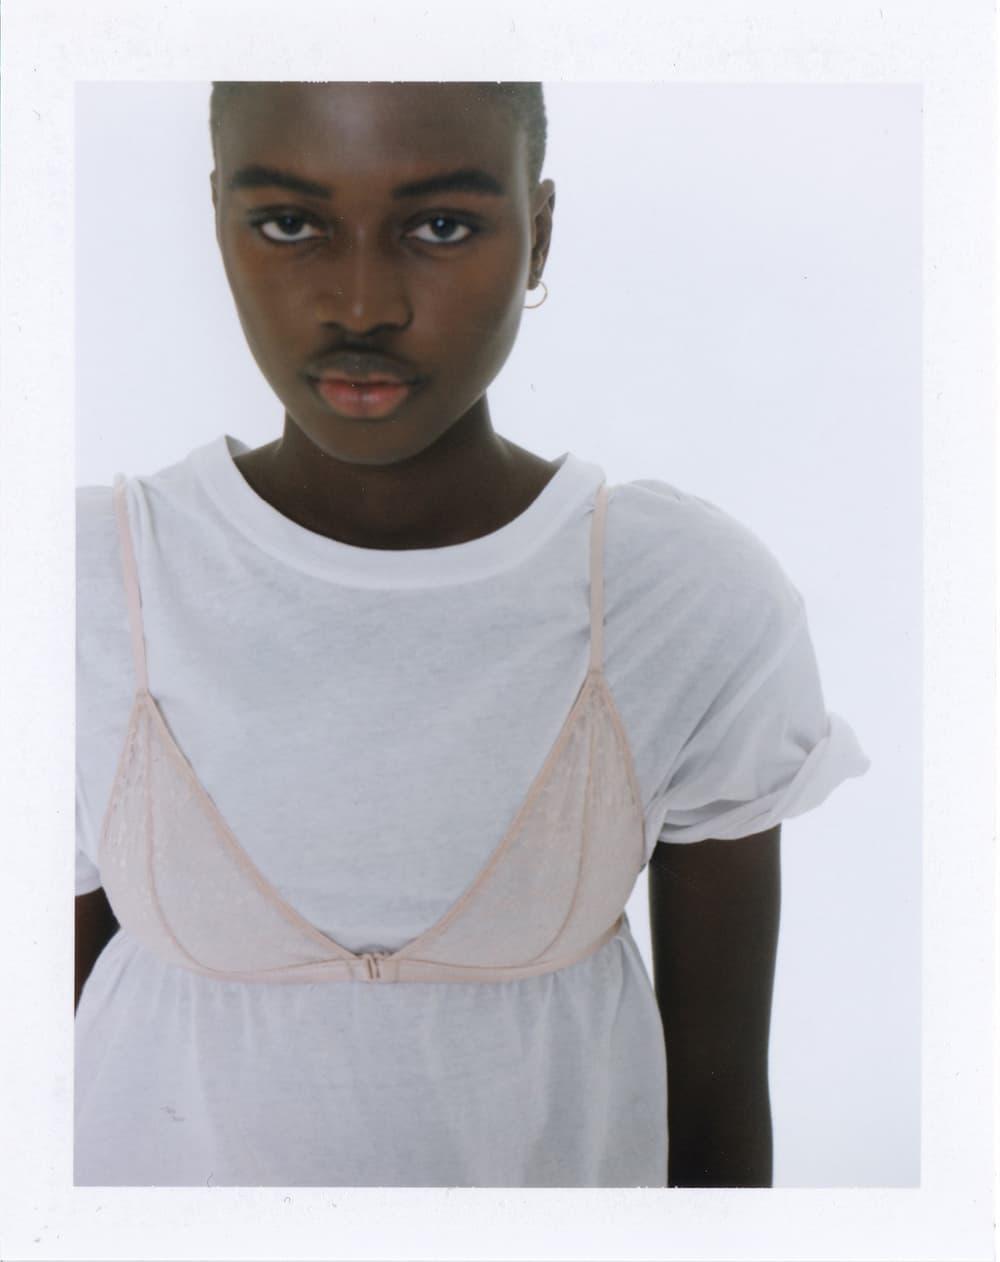 les girls les boys campaign beauty standards Fabien Montique polaroids lingerie unisex